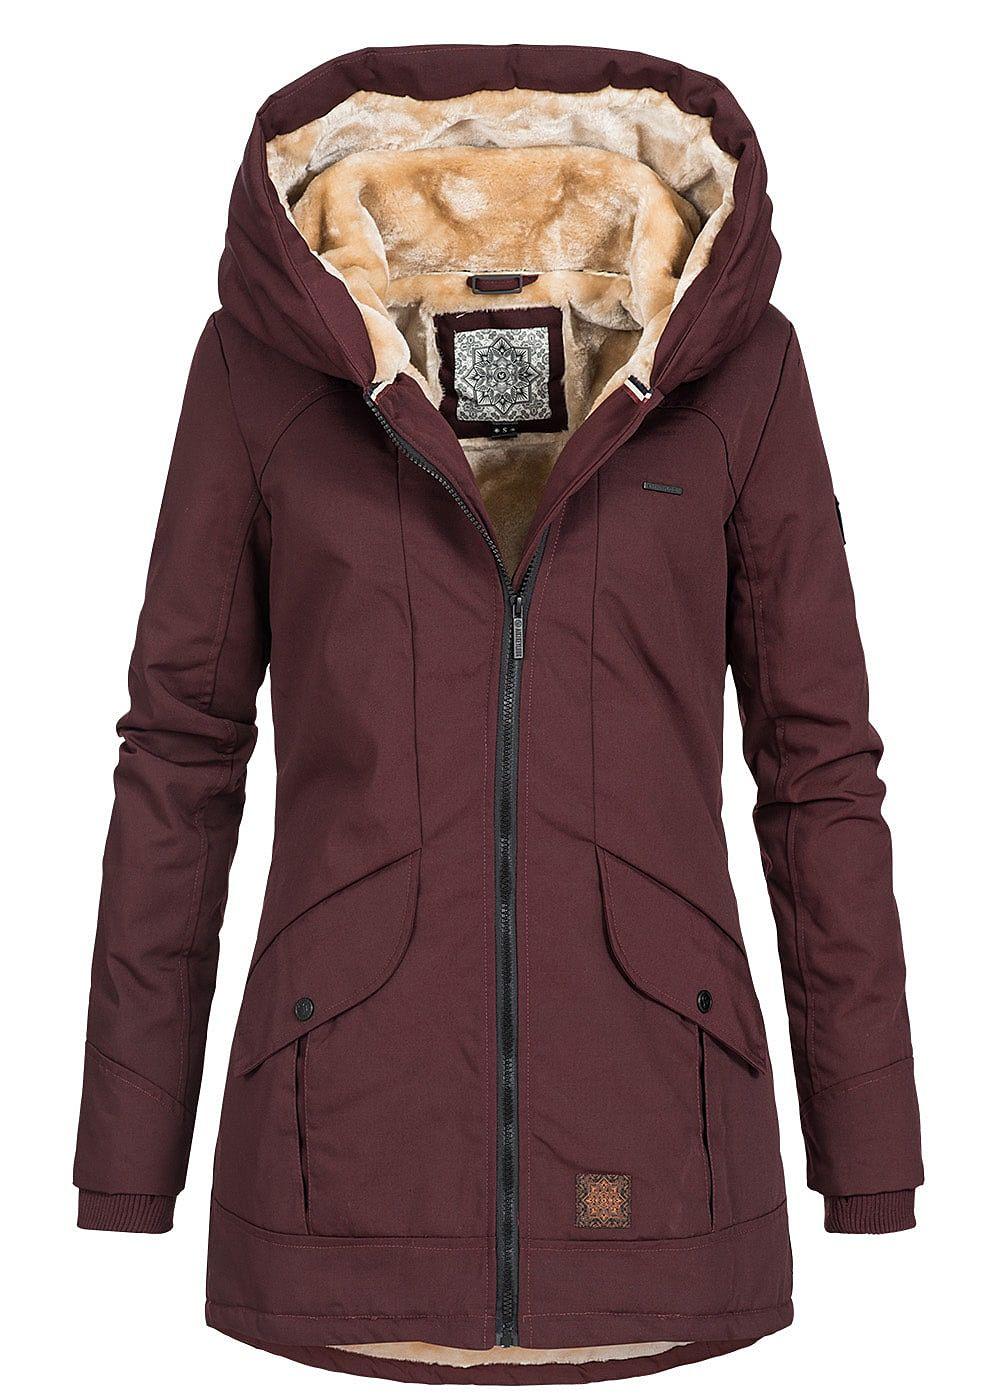 new style 50039 d3ec1 Aiki Damen Winter Parka Jacke Kunstfellfutter 2 Taschen bordeaux rot